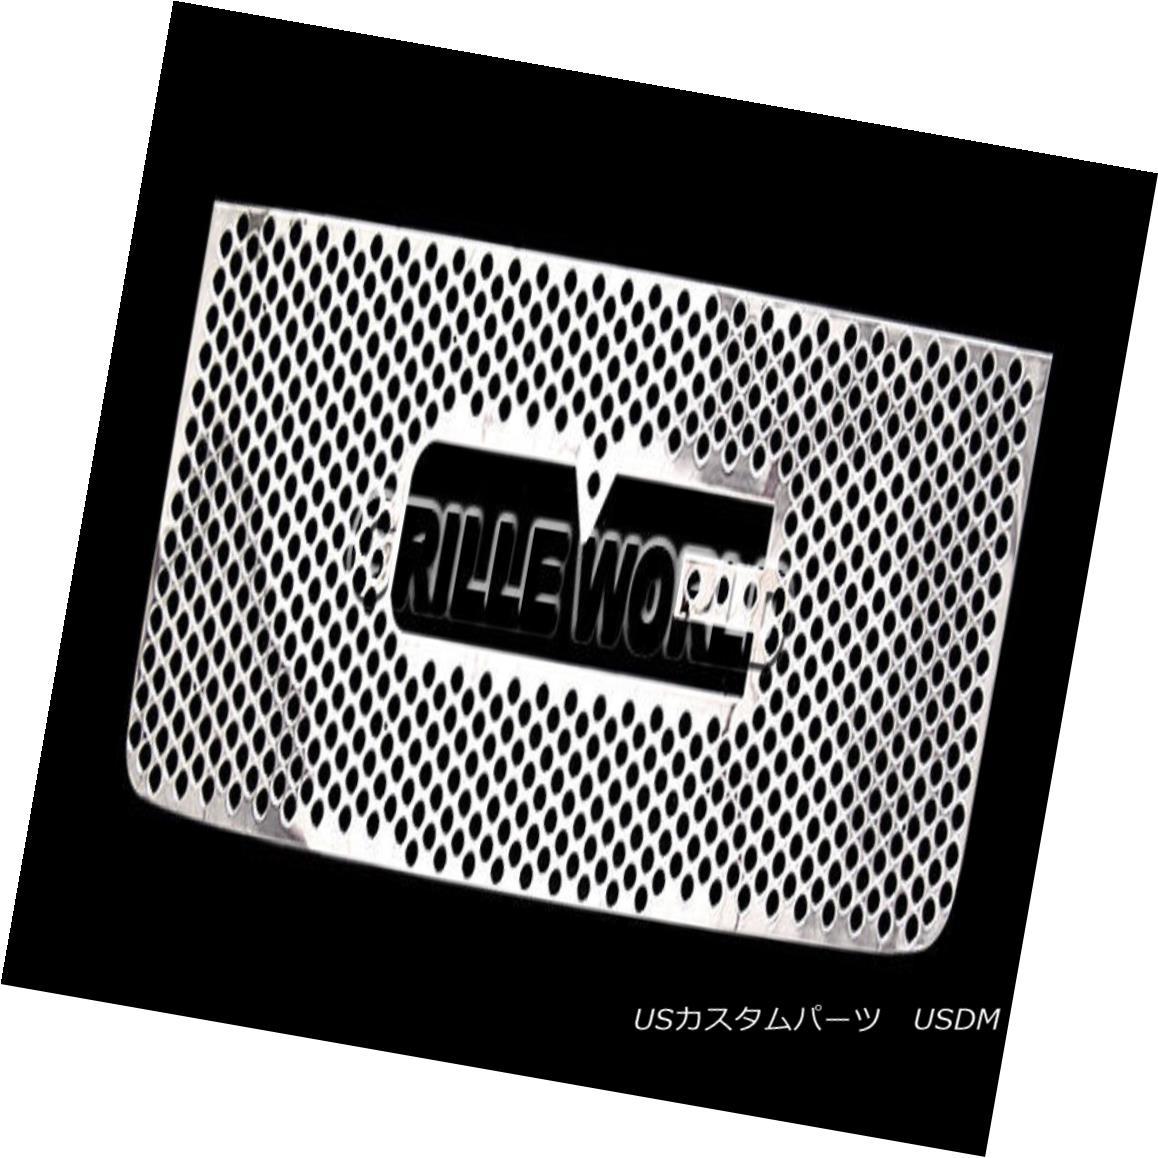 グリル For 2011-2014 GMC Sierra 2500/3500 Punch Premium Grille Insert 2011-2014 GMC Sierra 2500/3500パンチプレミアムグリルインサート